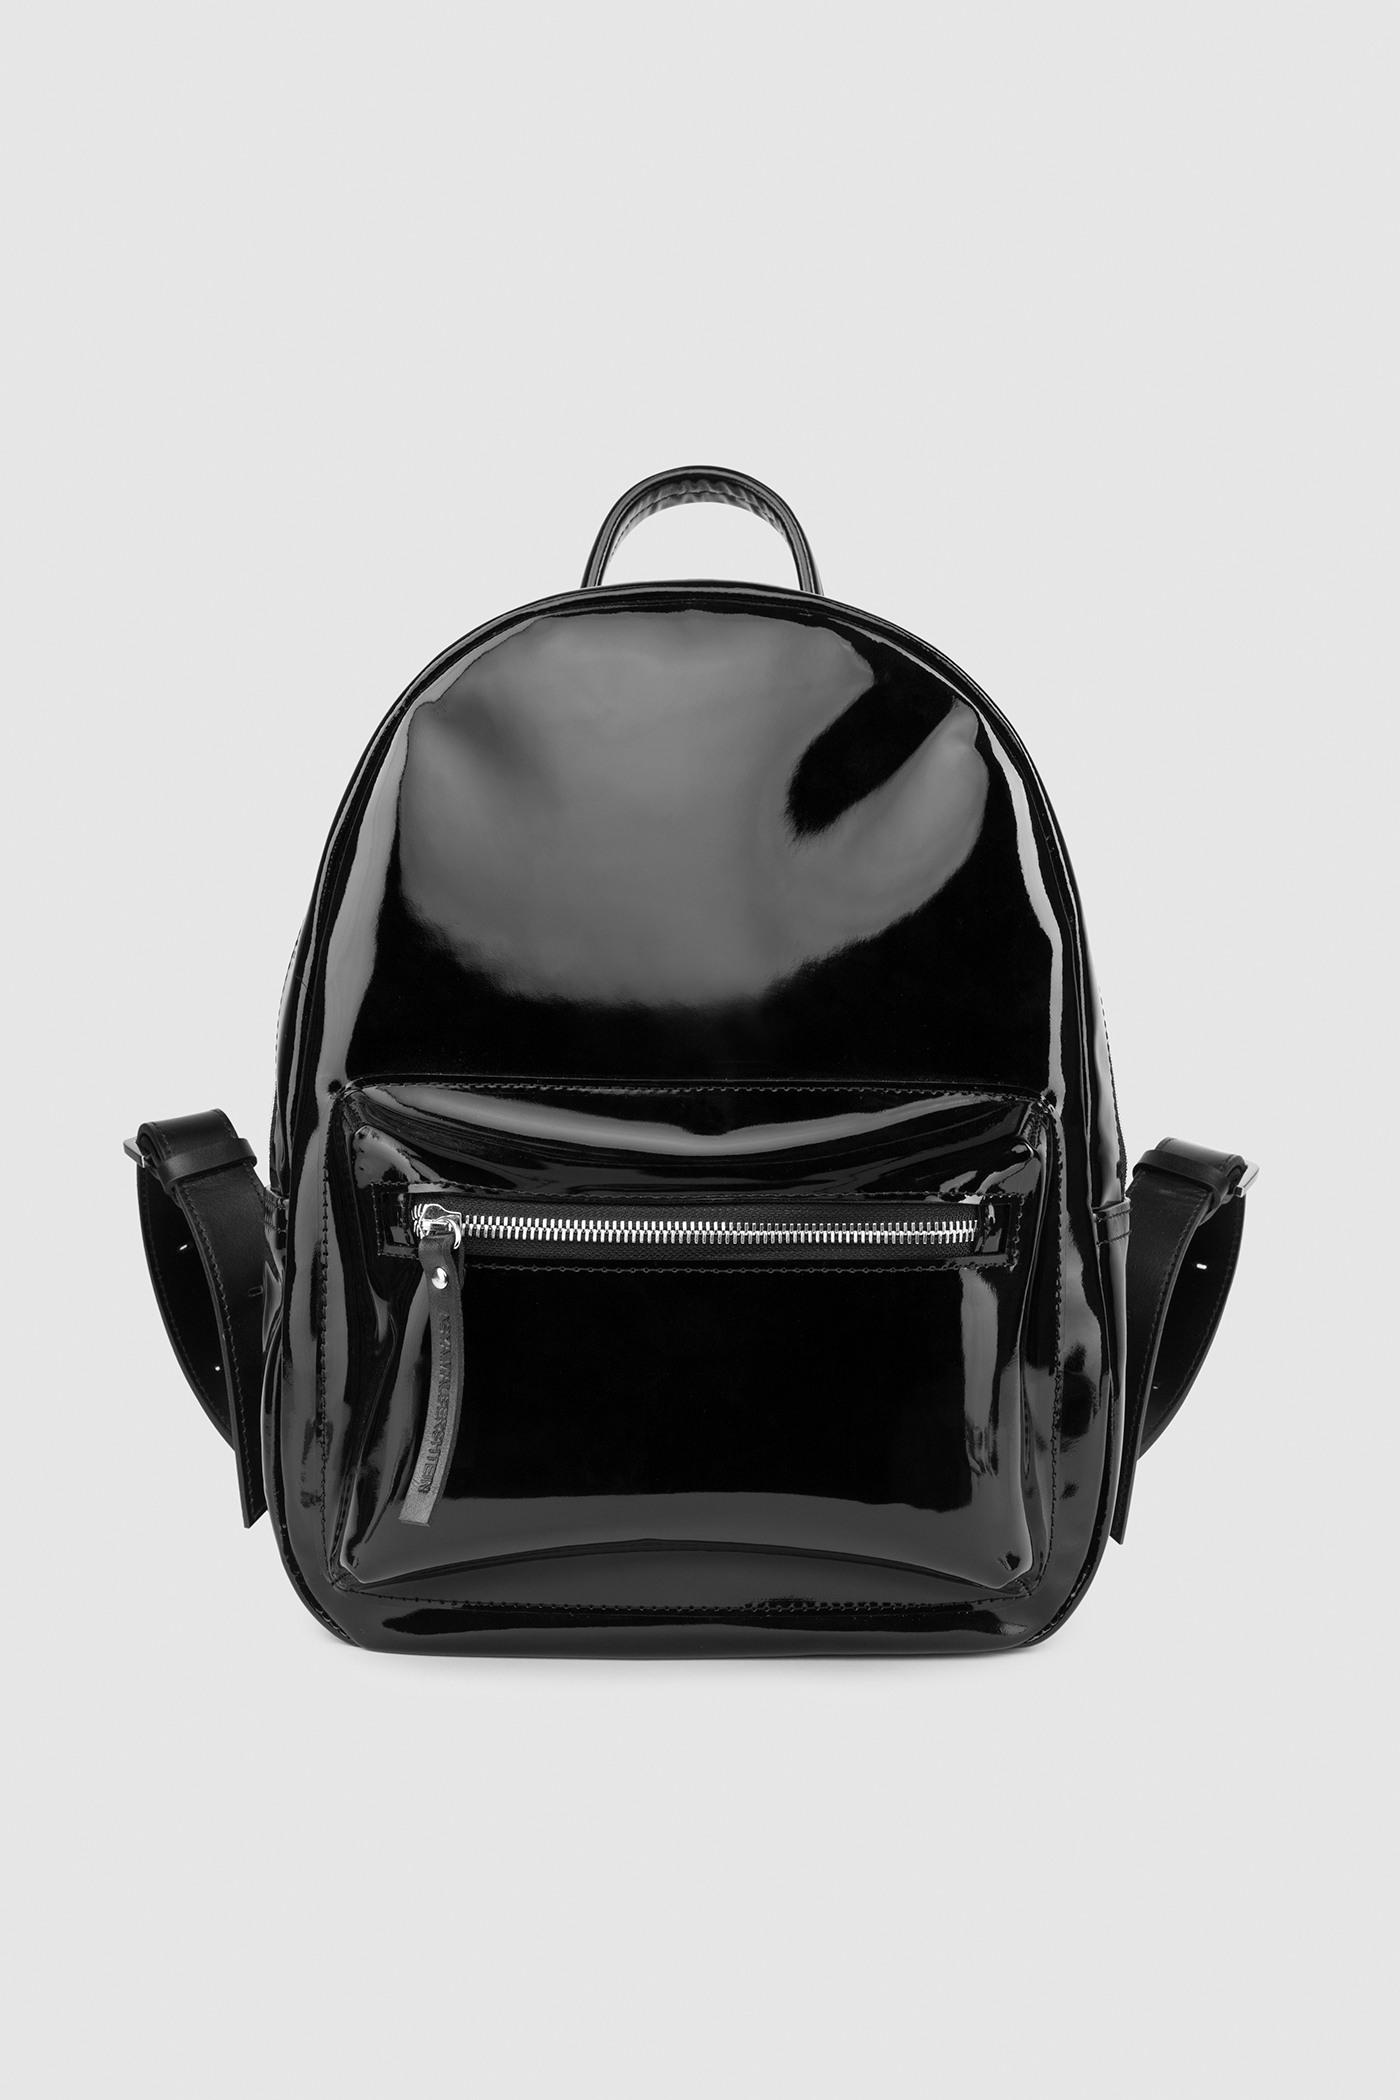 Городской рюкзакГородской классический рюкзак из лаковой кожи&#13;<br>&#13;<br>&#13;<br>унисекс&#13;<br>&#13;<br>внутри отделение для ноутбука&#13;<br>&#13;<br>передний объемный карман на молнии&#13;<br>&#13;<br>карман на молнии на задней стенке&#13;<br>&#13;<br>лаковая кожа&#13;<br>&#13;<br>тканевая подкладка&#13;<br>&#13;<br>лямки на регуляторах&#13;<br>&#13;<br>размеры: S 33x26x9.5 см<br><br>Цвет: Черный